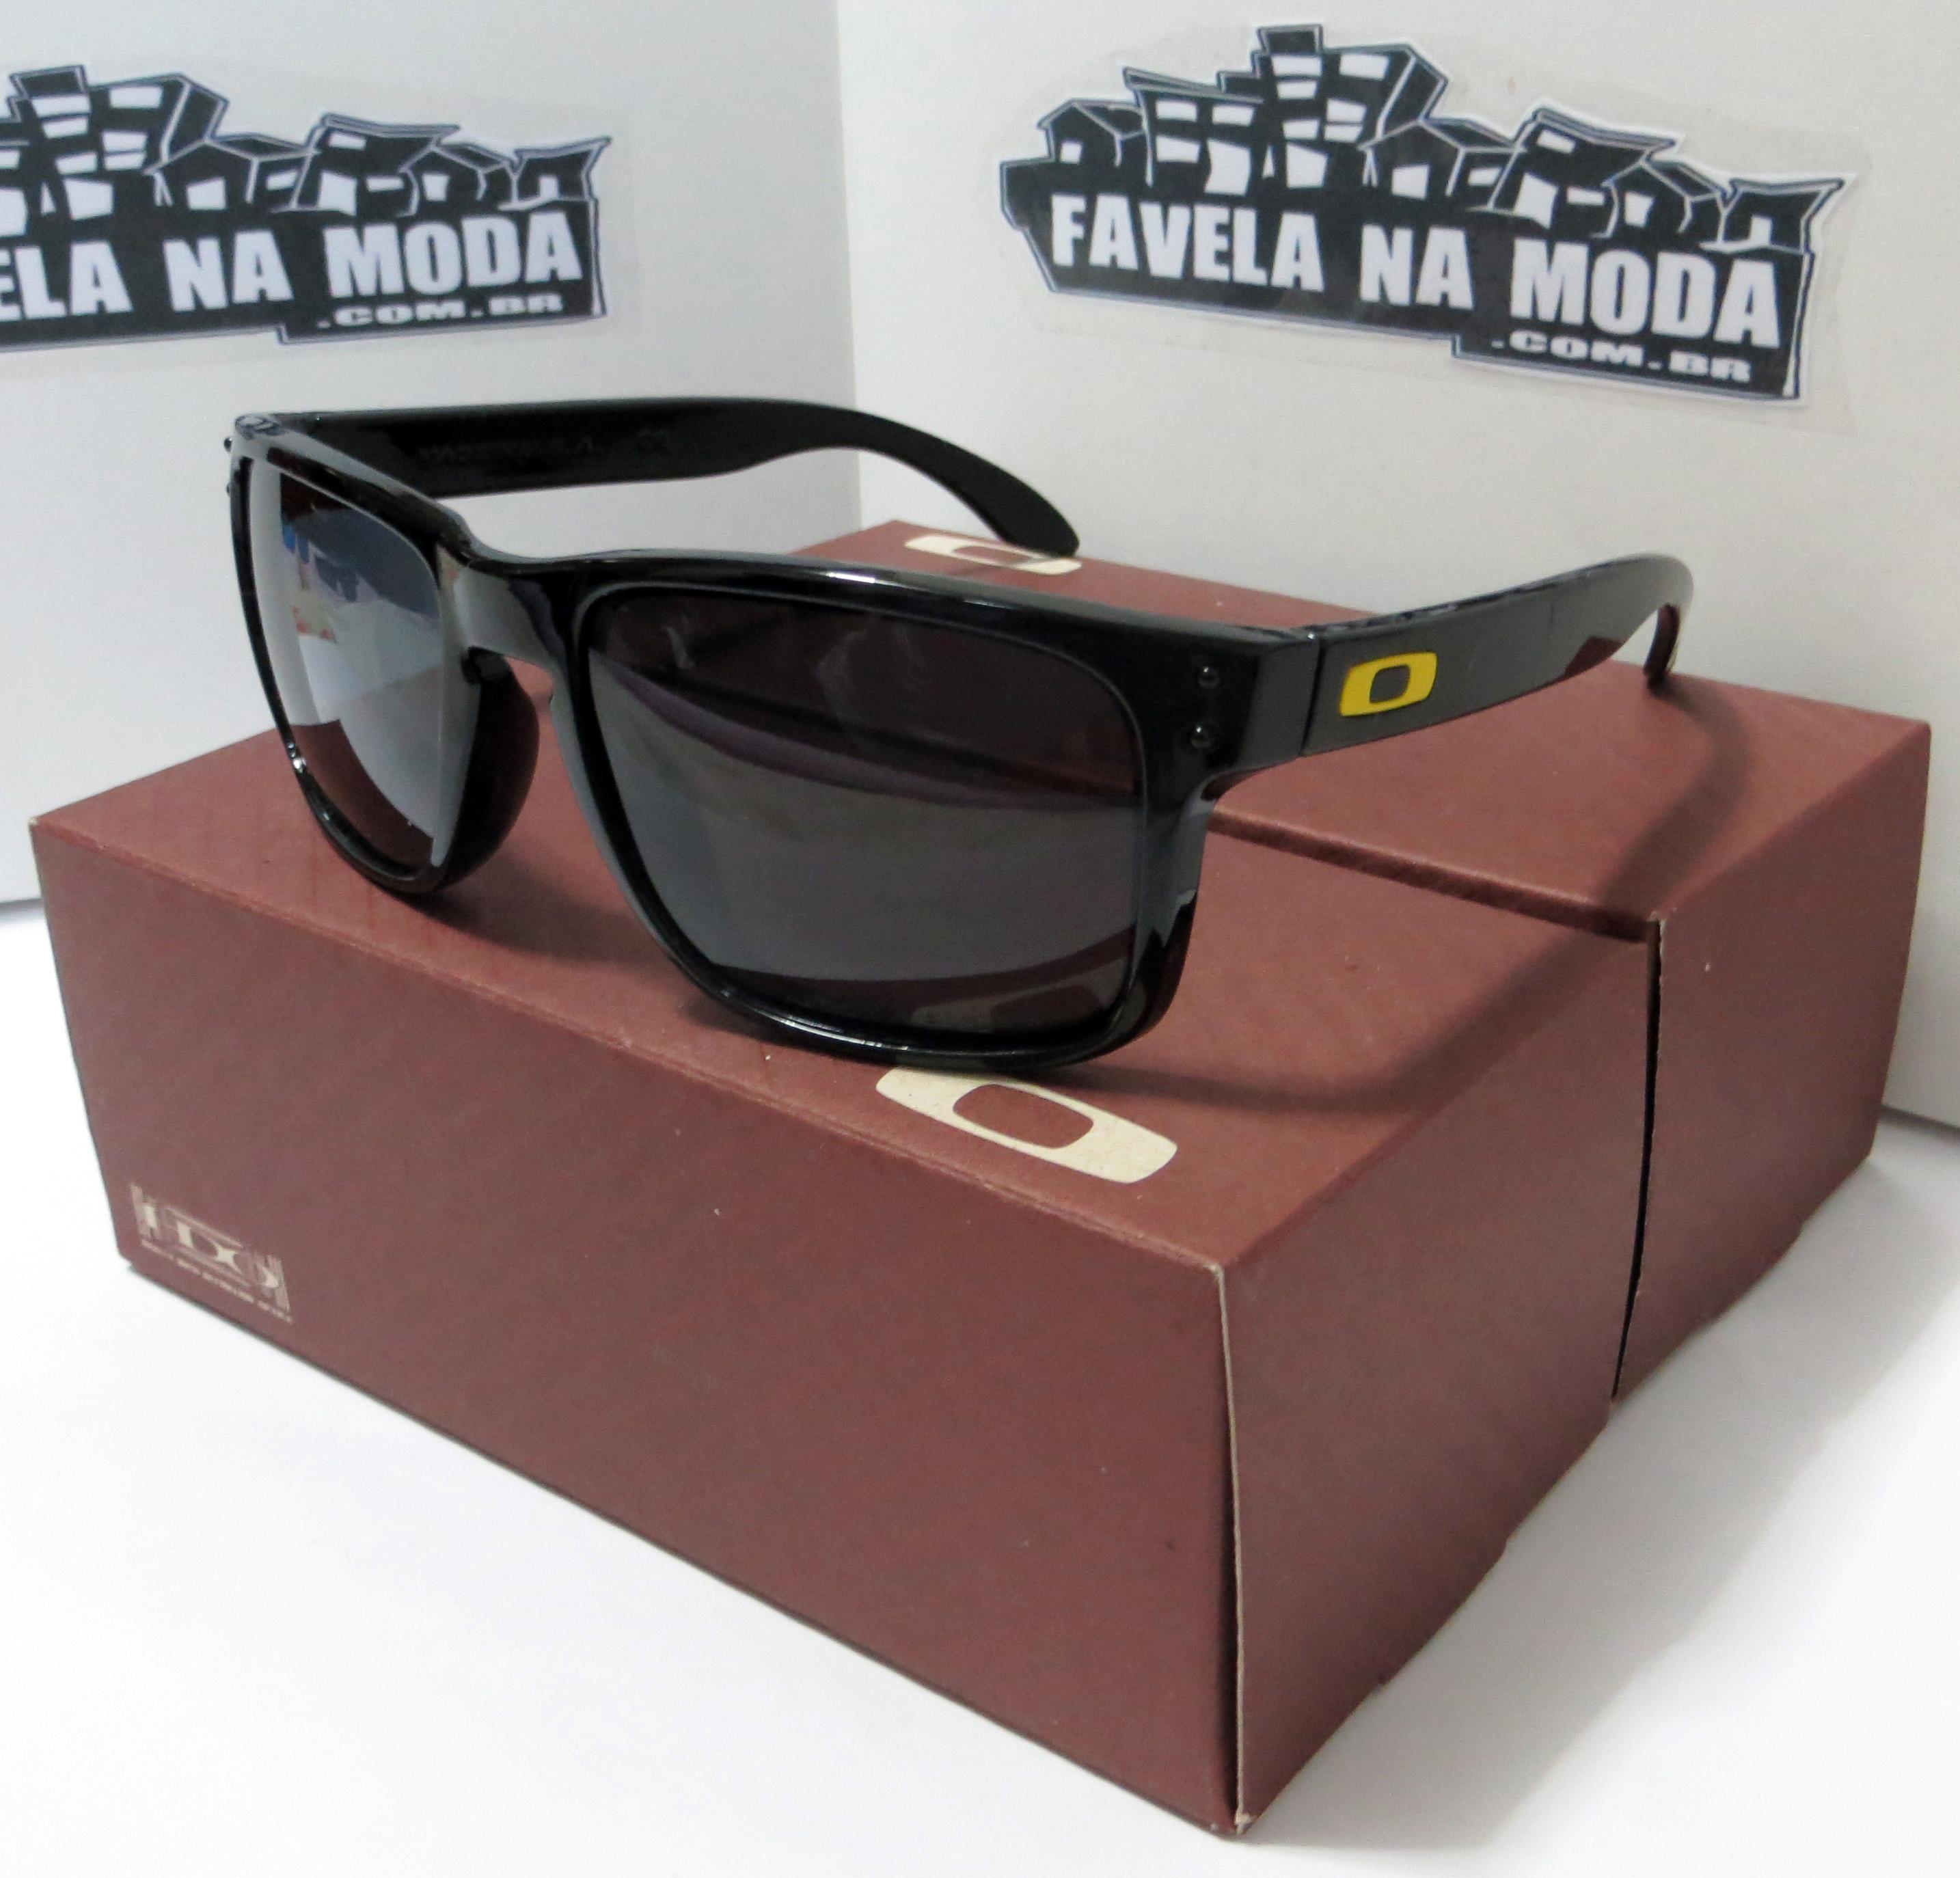 Óculos Oakley Holbrook (VR46) - Armação Preto Brilhante   Lente ... 2bc80b570d